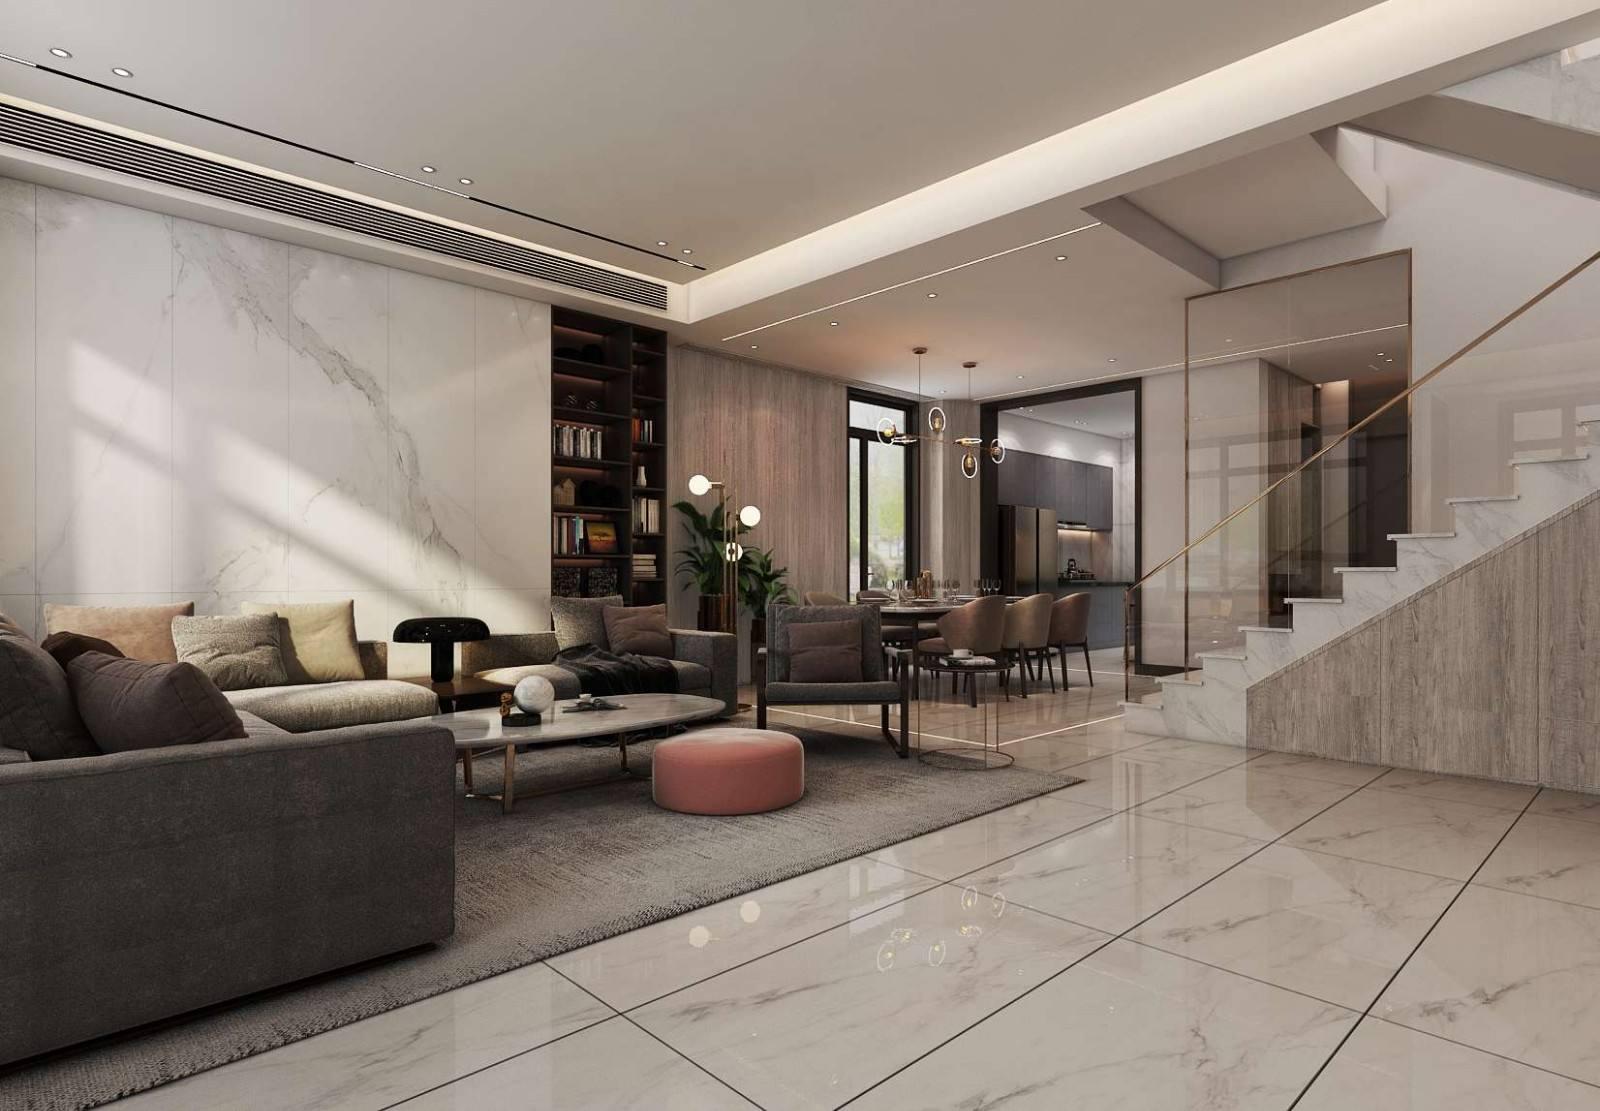 浅析酒店装修的时候应选择哪种材料用作浴室吊顶?